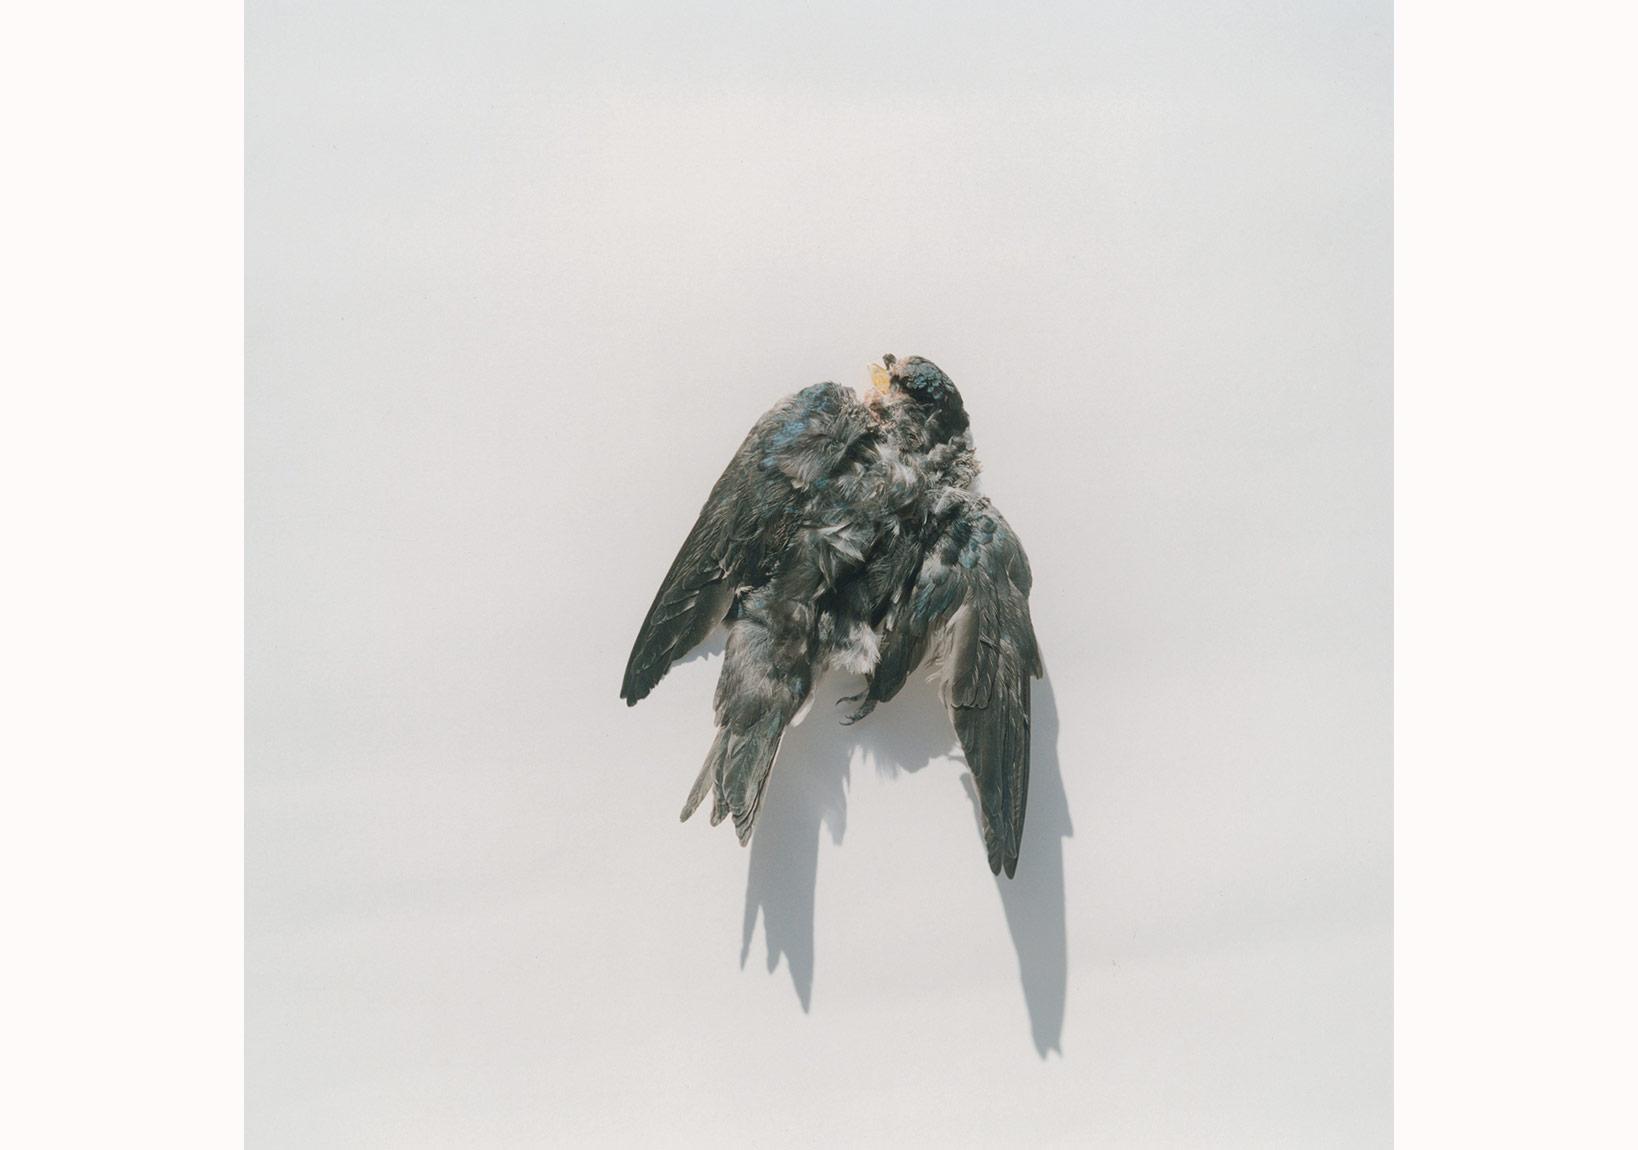 'İsimsiz', 'Illuminance' serisinden, 2009 © Rinko Kawauchi, Galerie Priska Pasquer izniyle